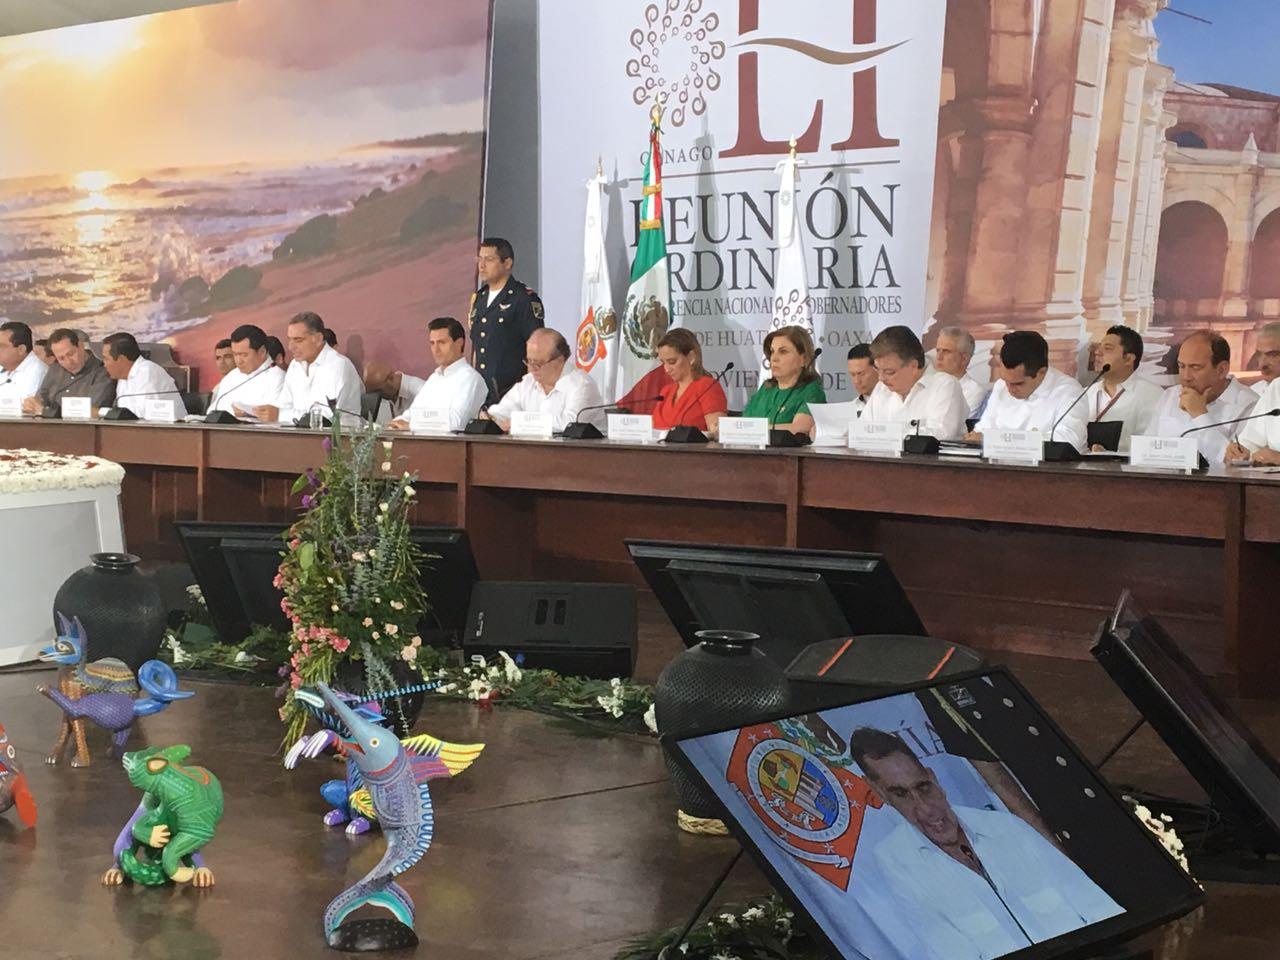 La Secretaria Arely Gómez, en la reunión de la la 51ª Reunión Ordinaria de la Confederación Nacional de Gobernadores